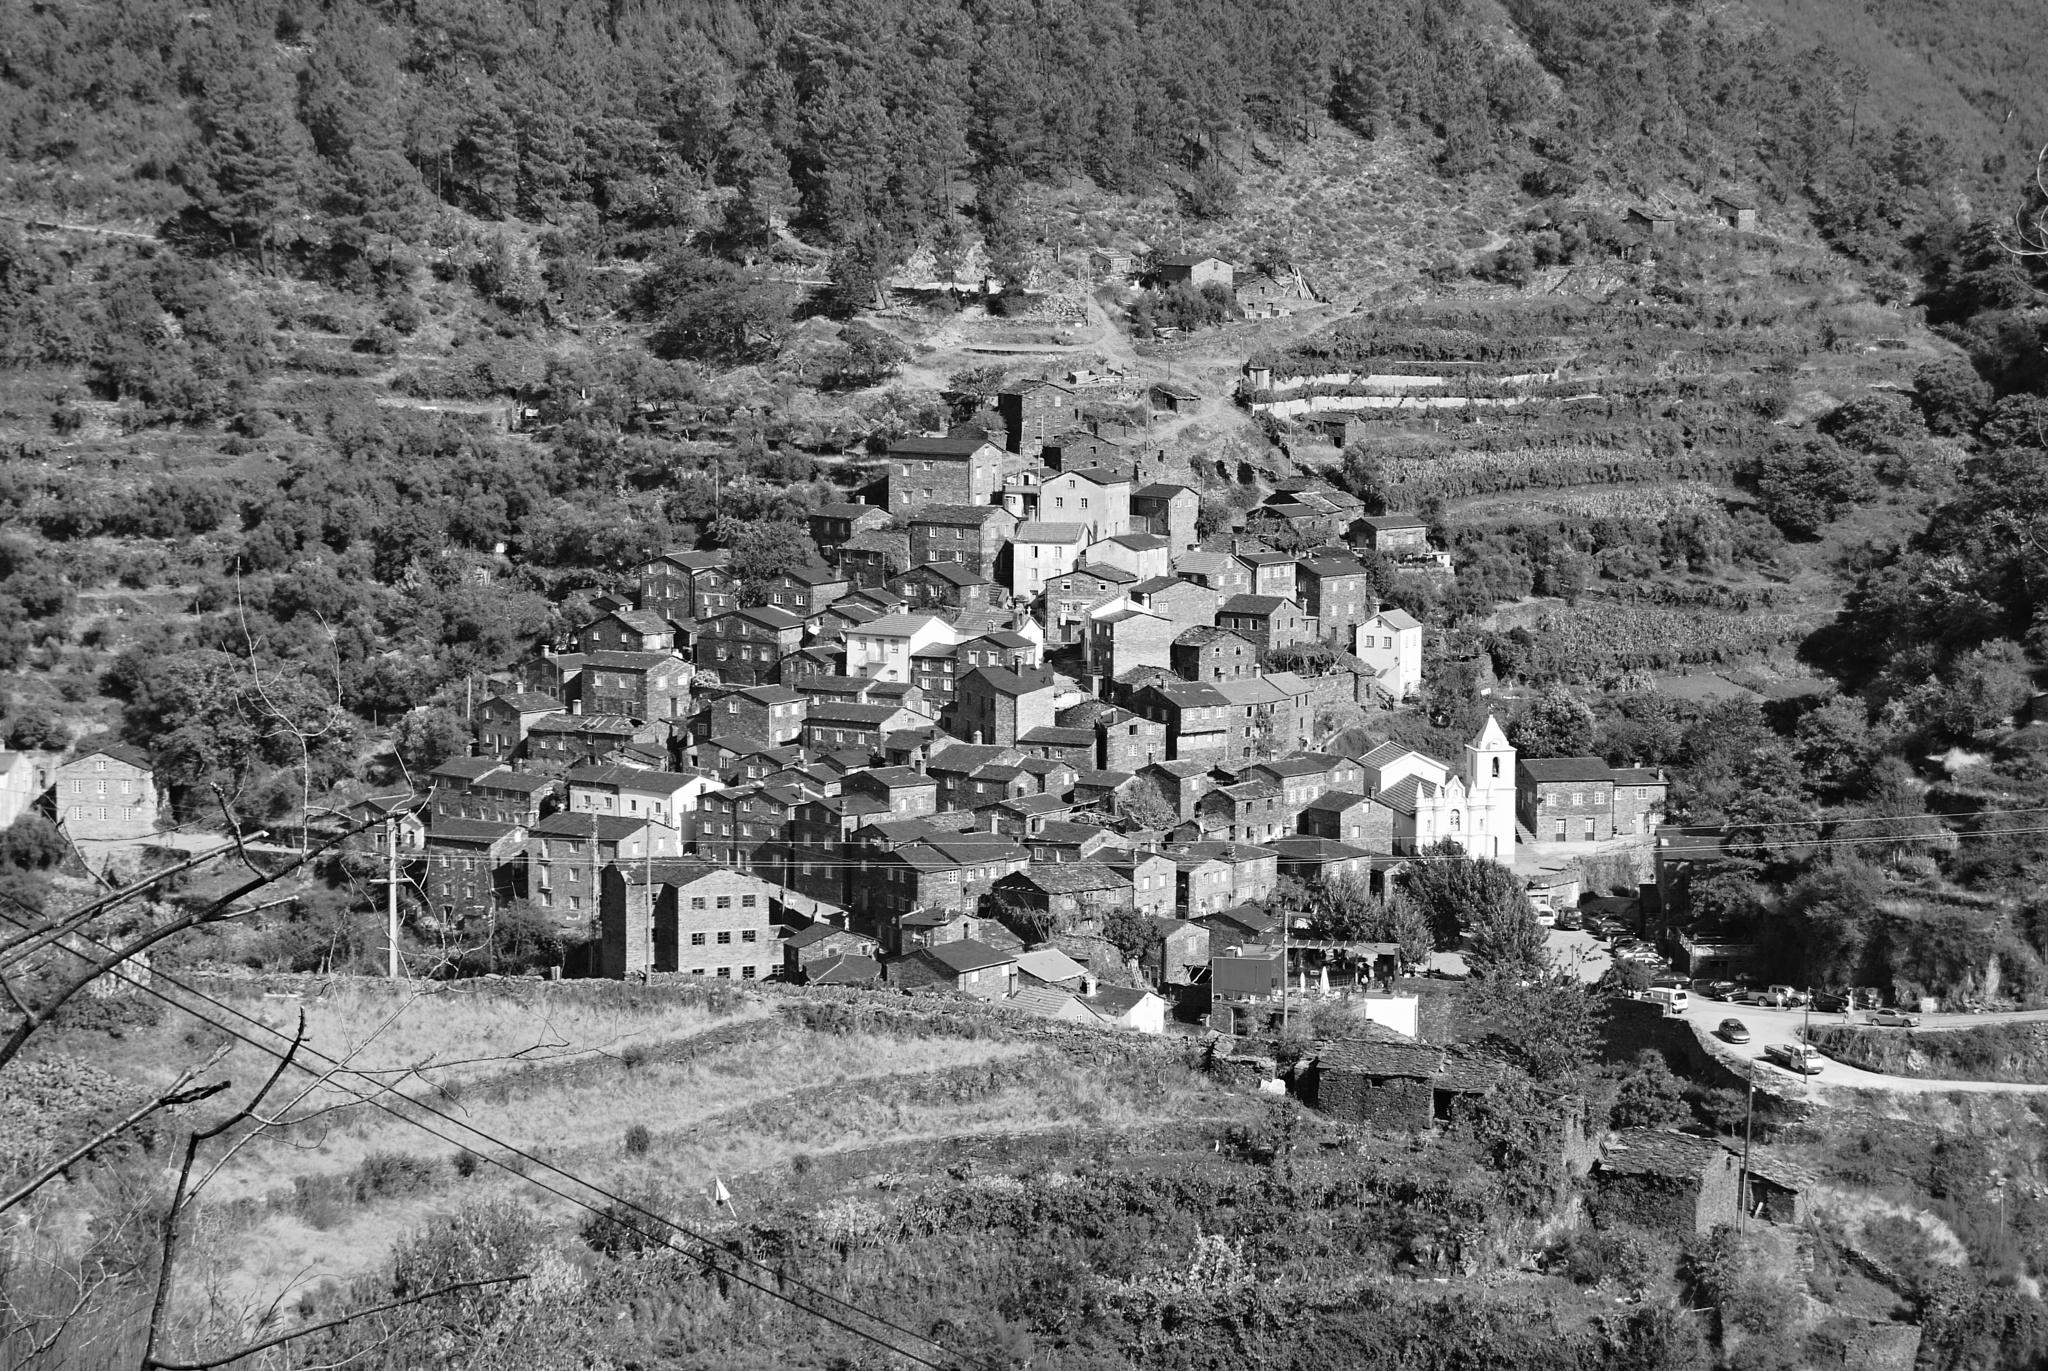 aldeias de xisto by Jorge Cascalho